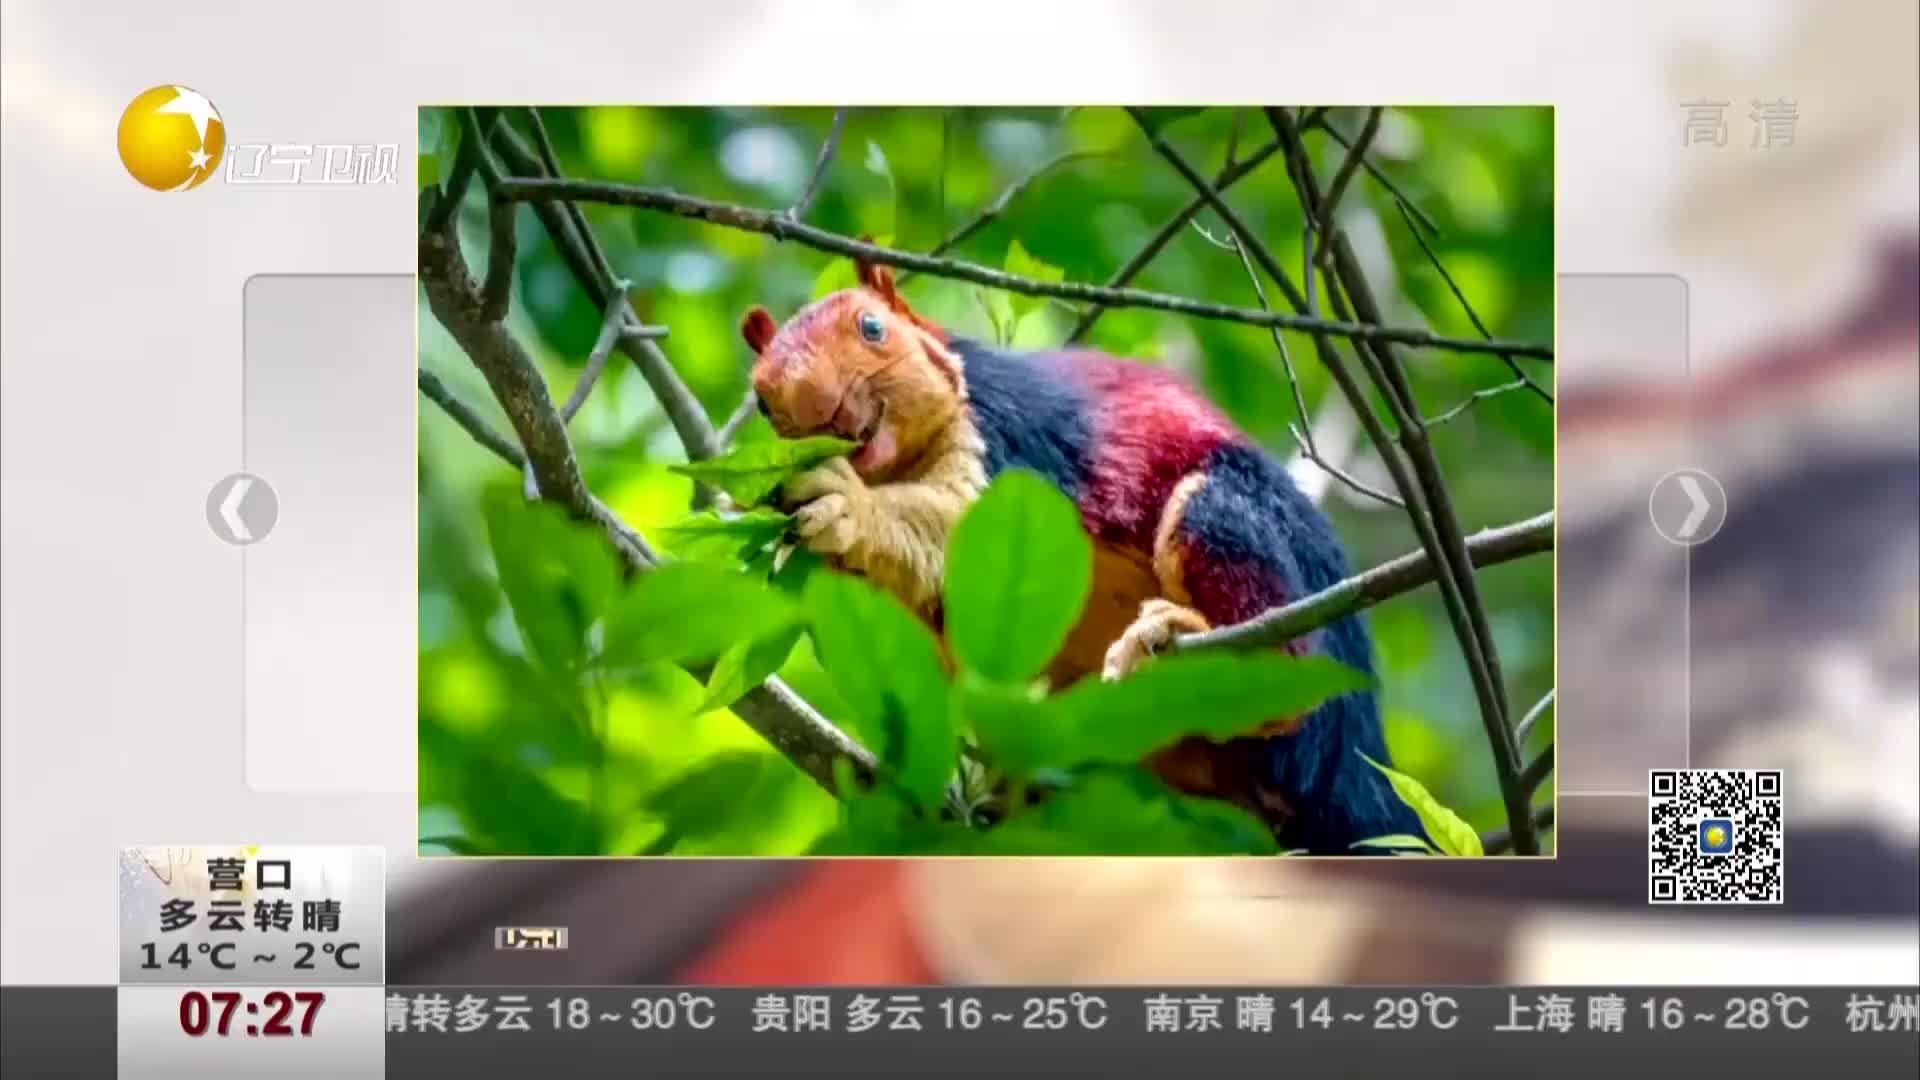 [视频]印度现彩色巨型松鼠 体型是正常松鼠的两倍大